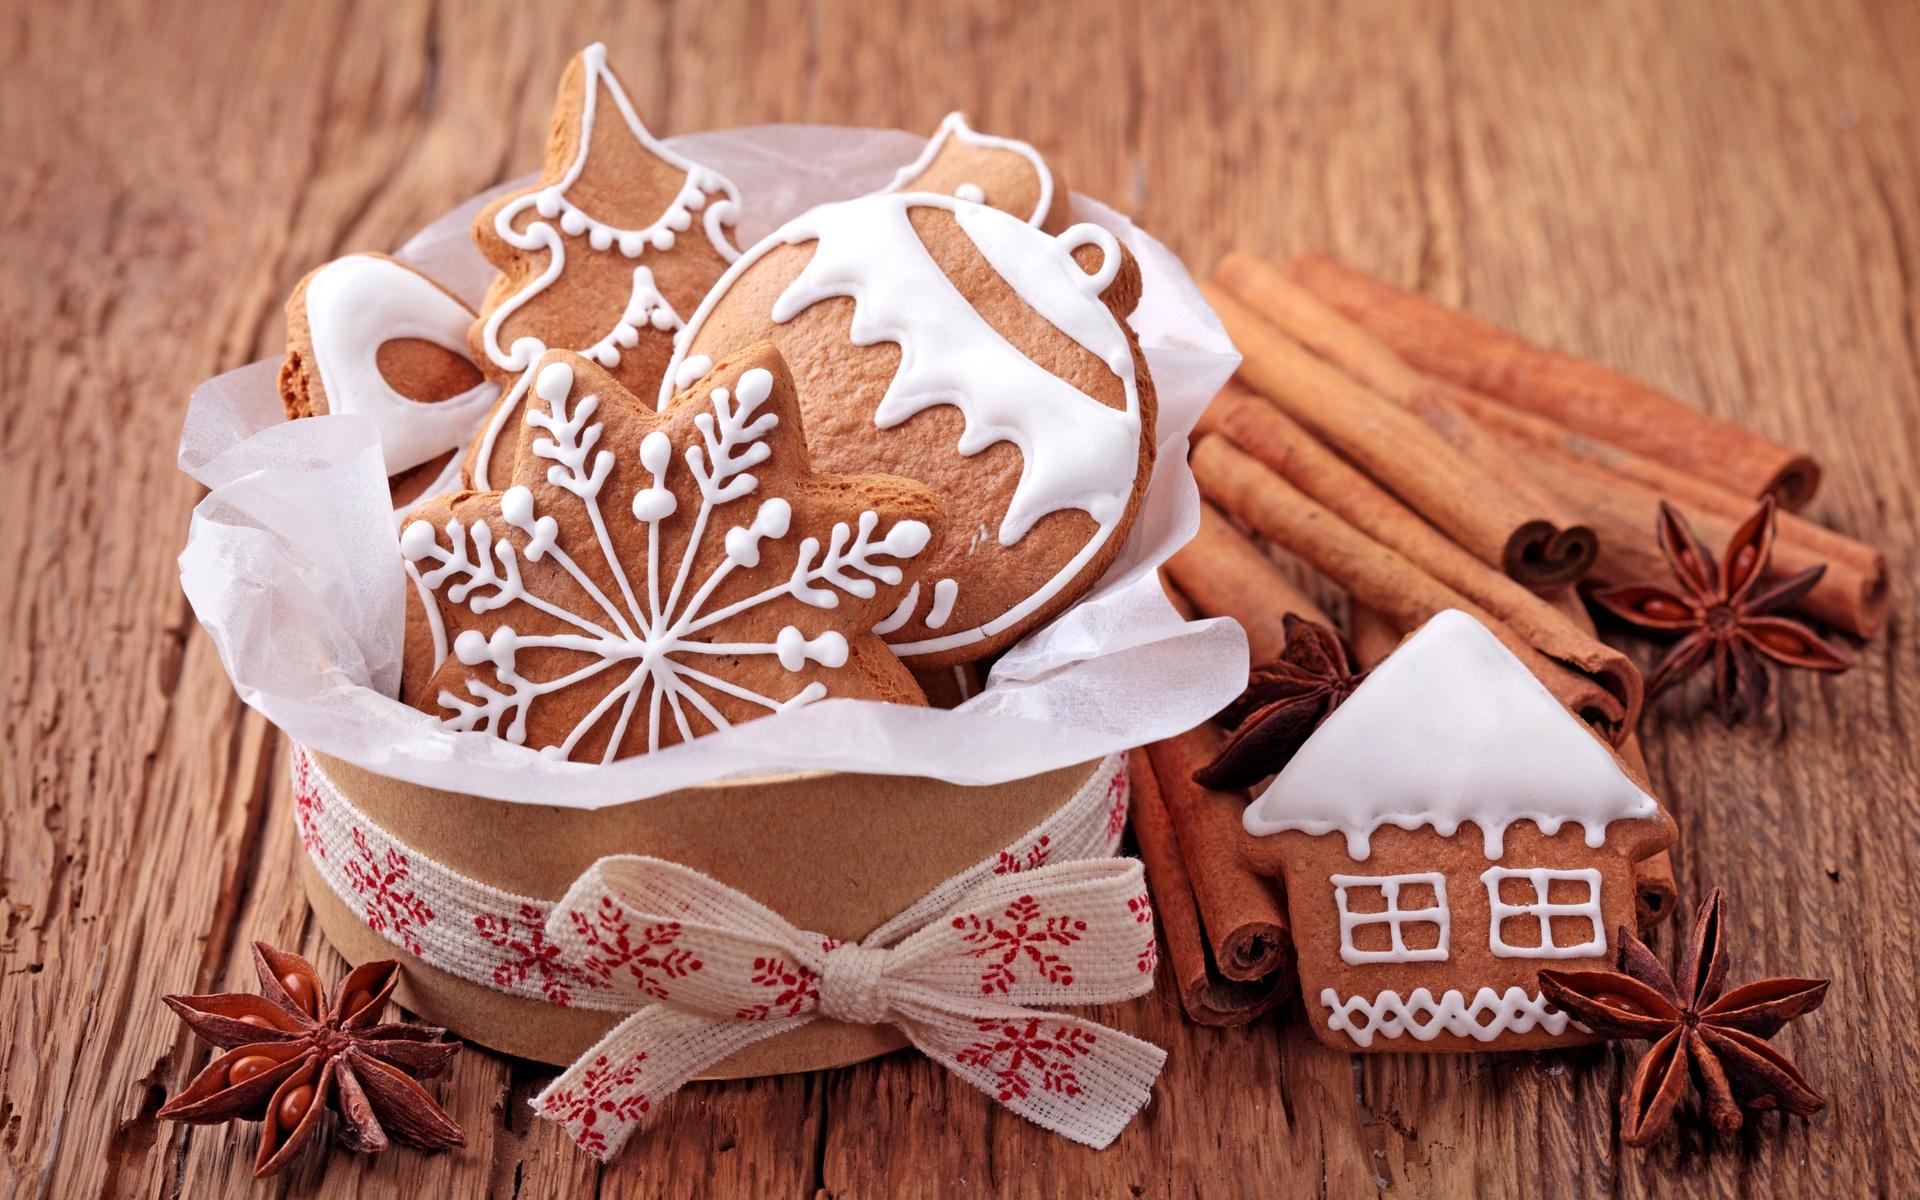 фигурки, снежинка, Печенье, шарик, новогоднее, домик